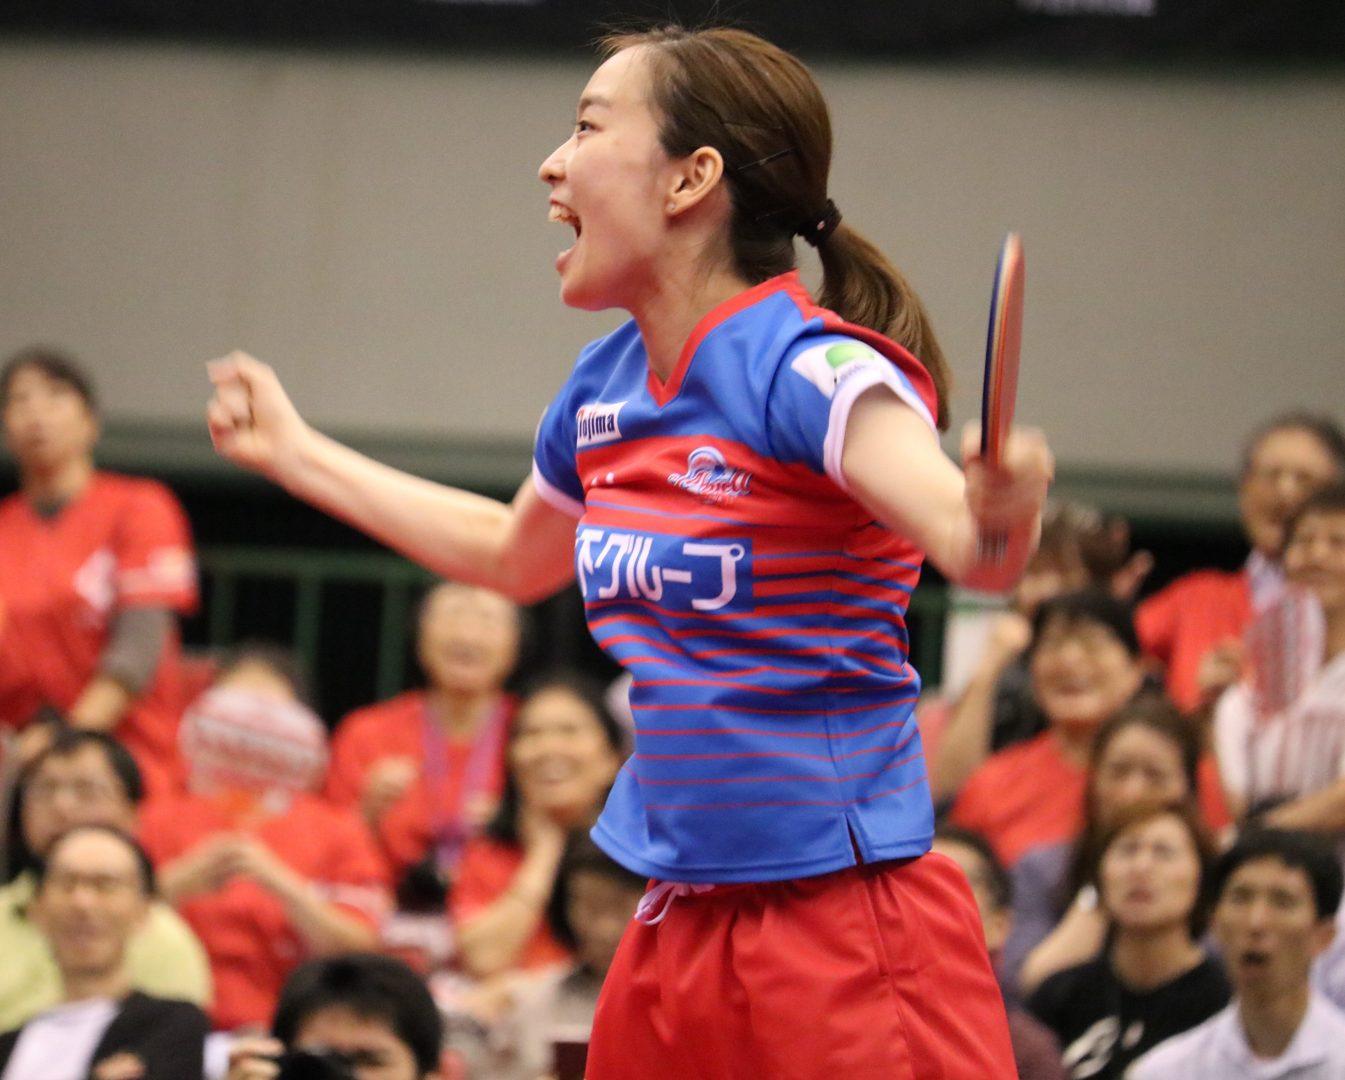 【速報・Tリーグ】石川佳純、圧巻の2連勝で歓喜のジャンプ!神奈川が開幕勝利で飾る